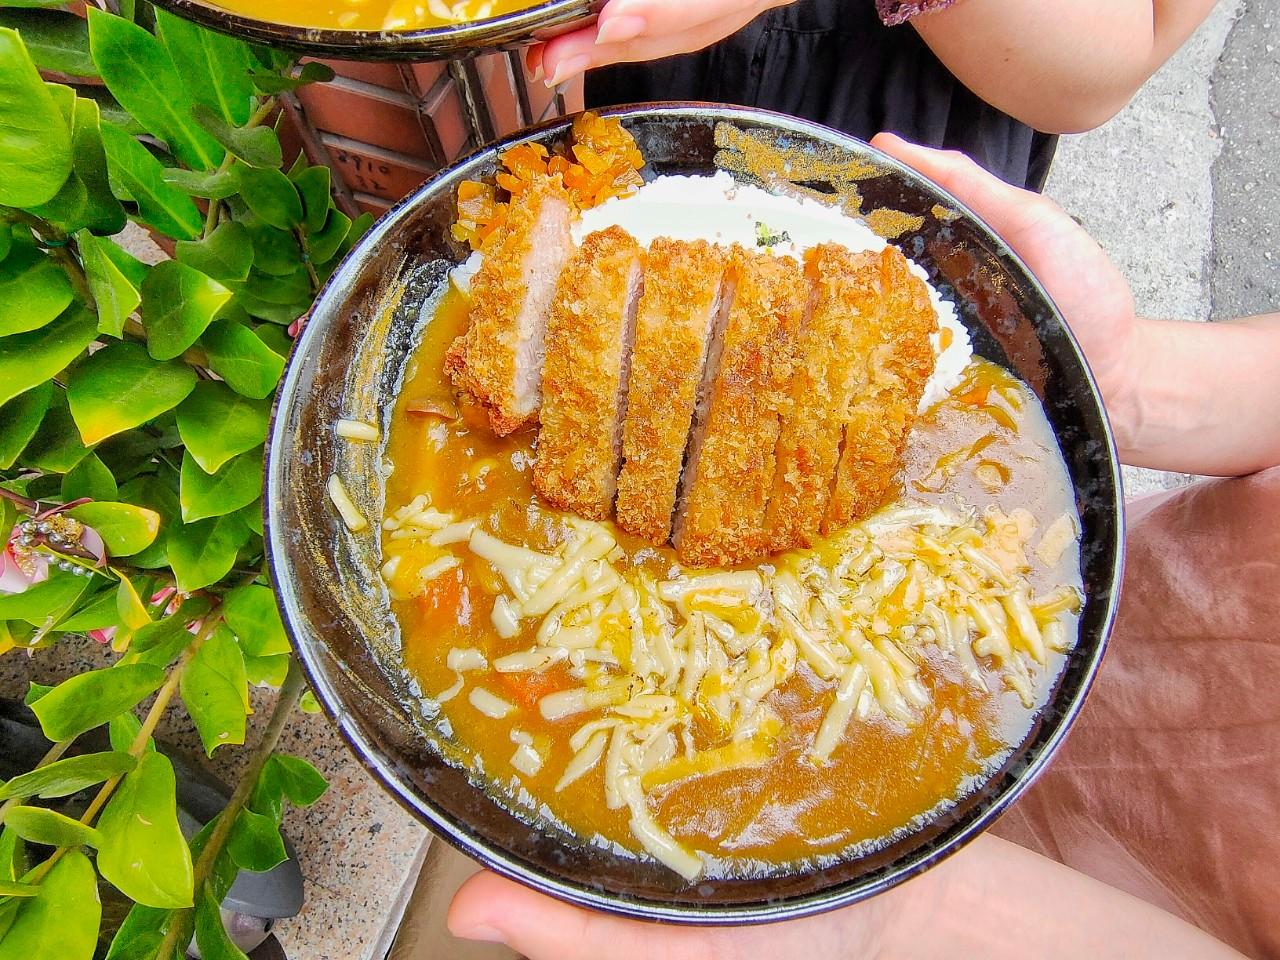 桃園區美食-揪丼 日式丼飯の海鮮丼飯-美食百貨內好吃的炸牛排丼飯,炙燒鮭魚干貝丼飯只要360元  (邀約)